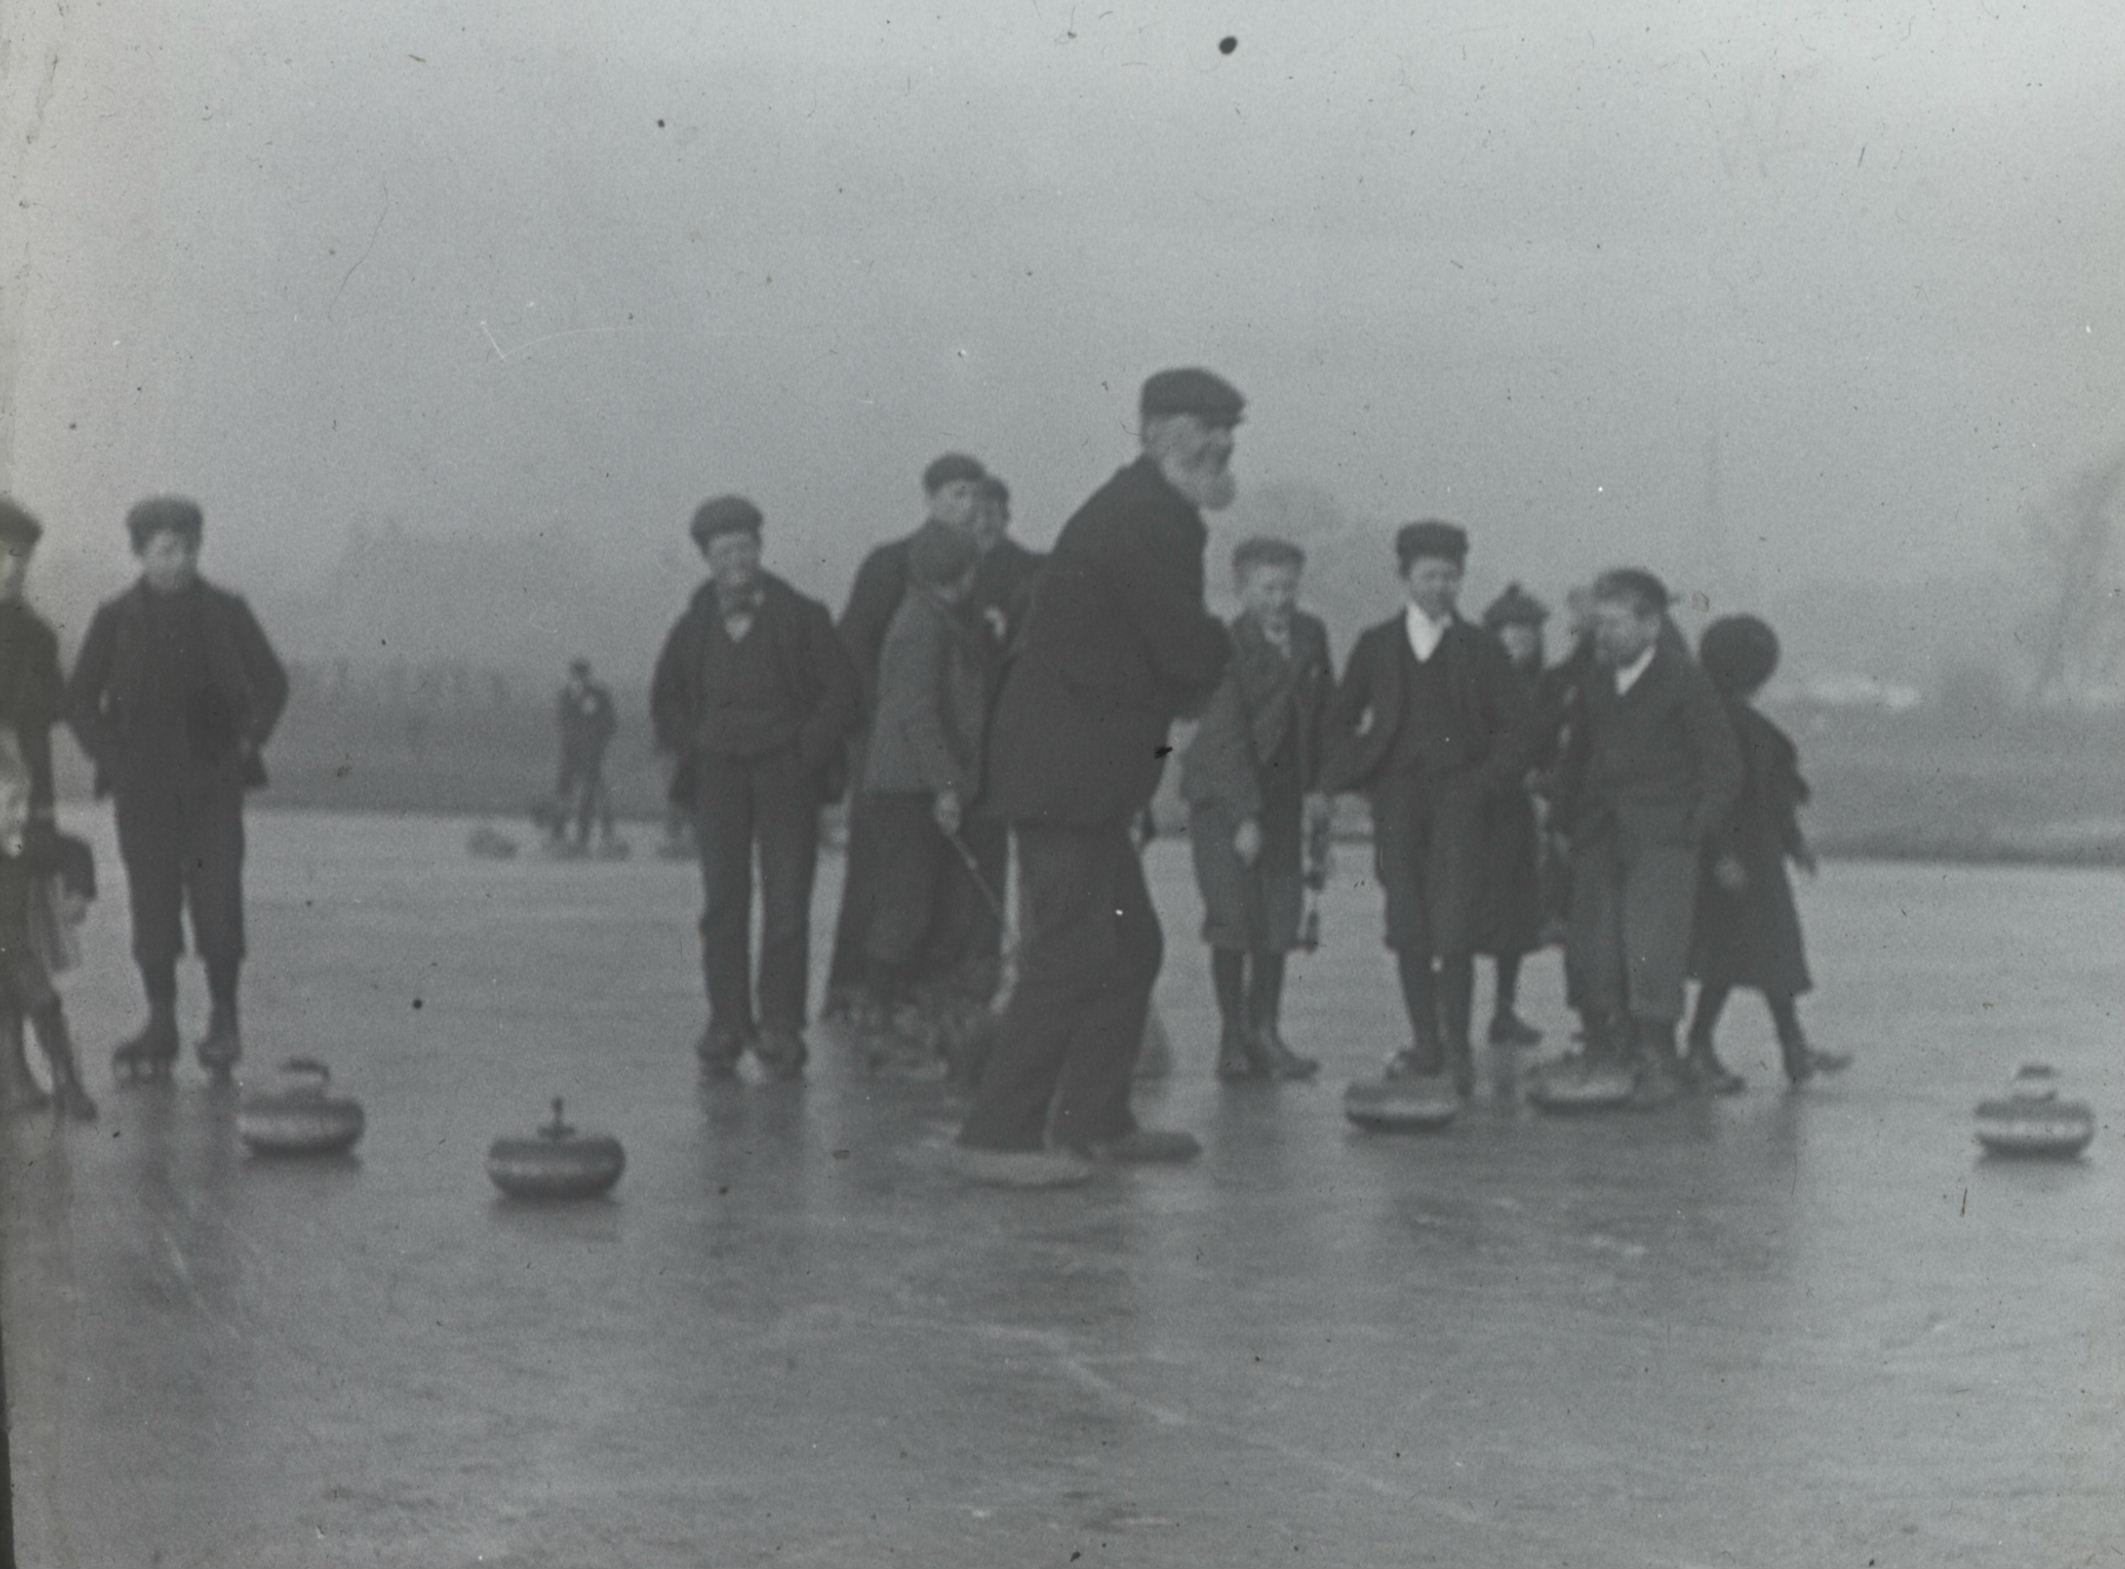 188-tilework-curling